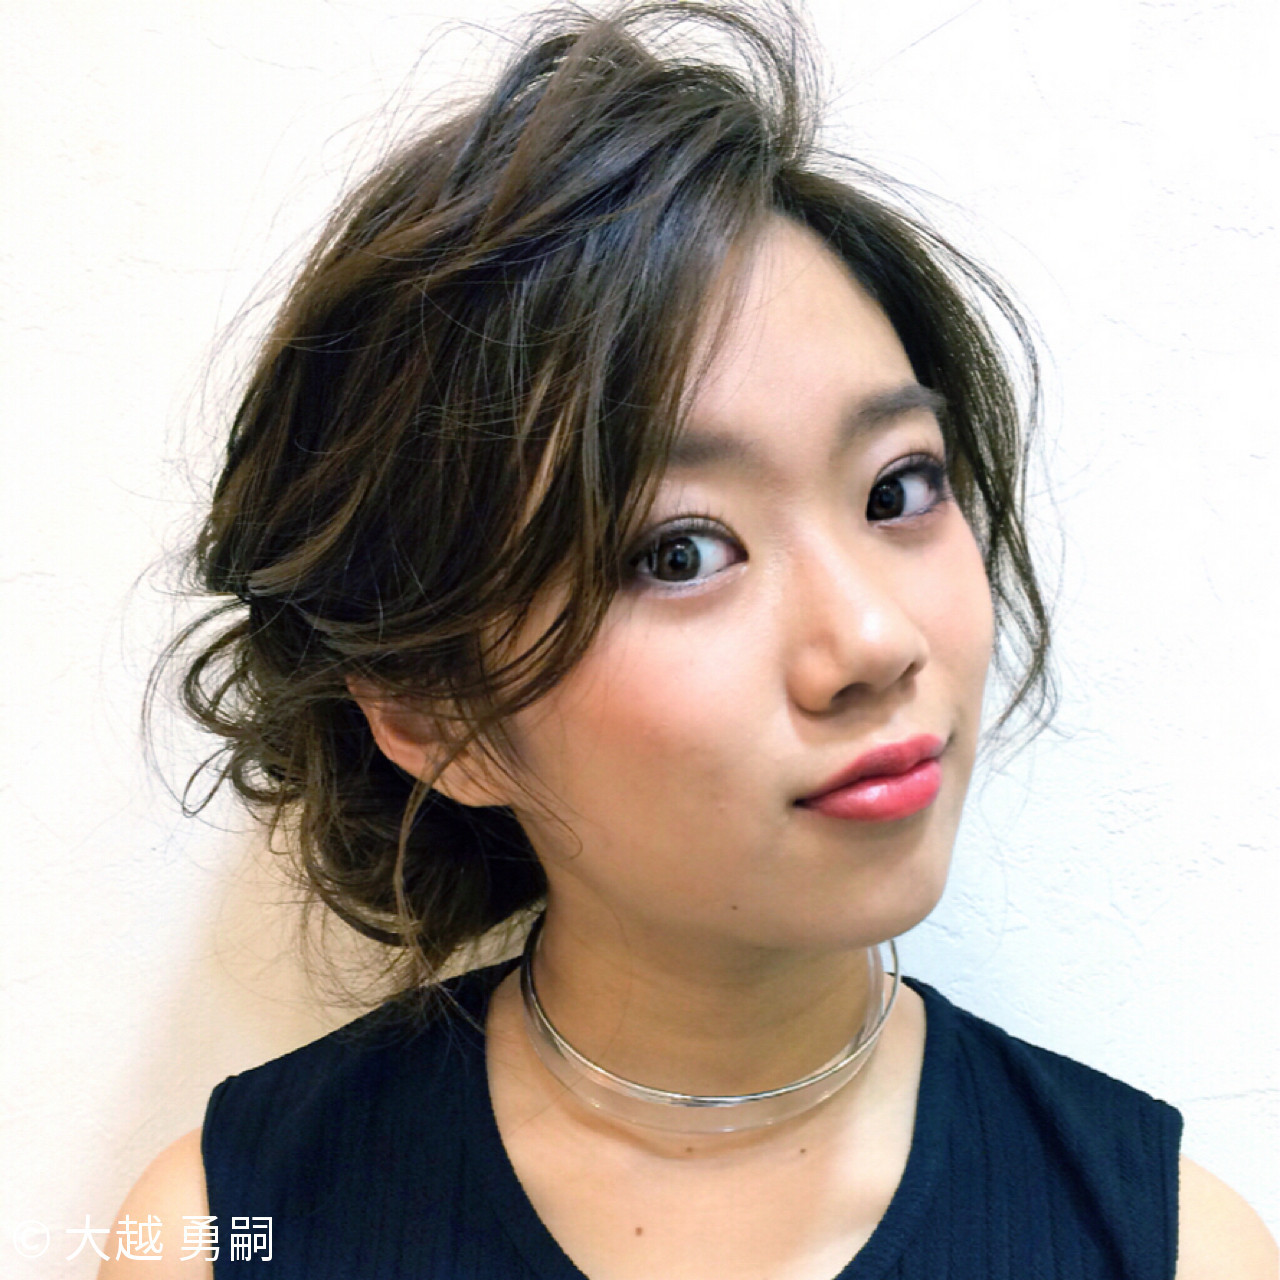 大人女子 ヘアアレンジ ギブソンタック シニヨン ヘアスタイルや髪型の写真・画像